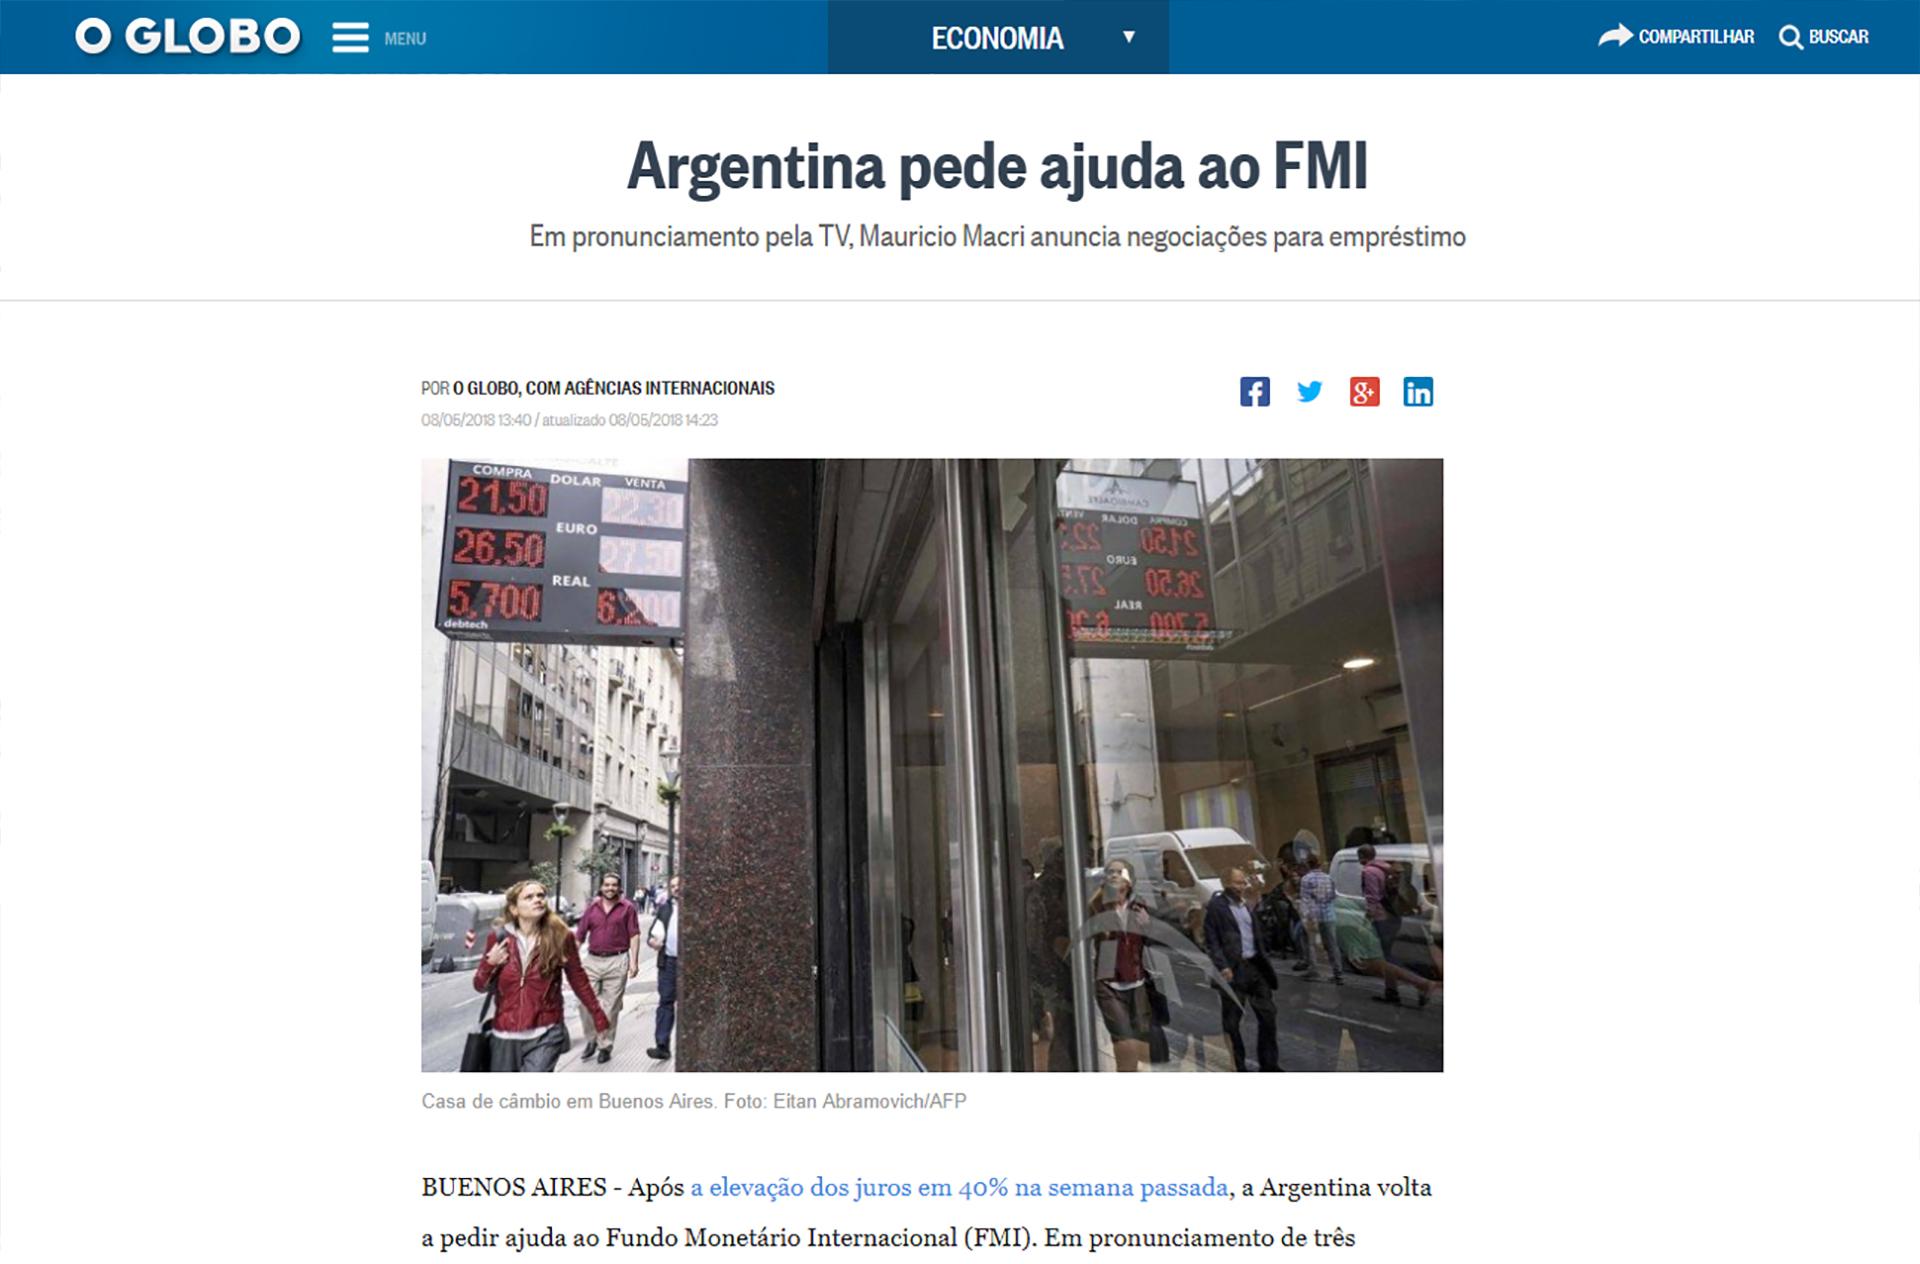 O Globo de Brasil